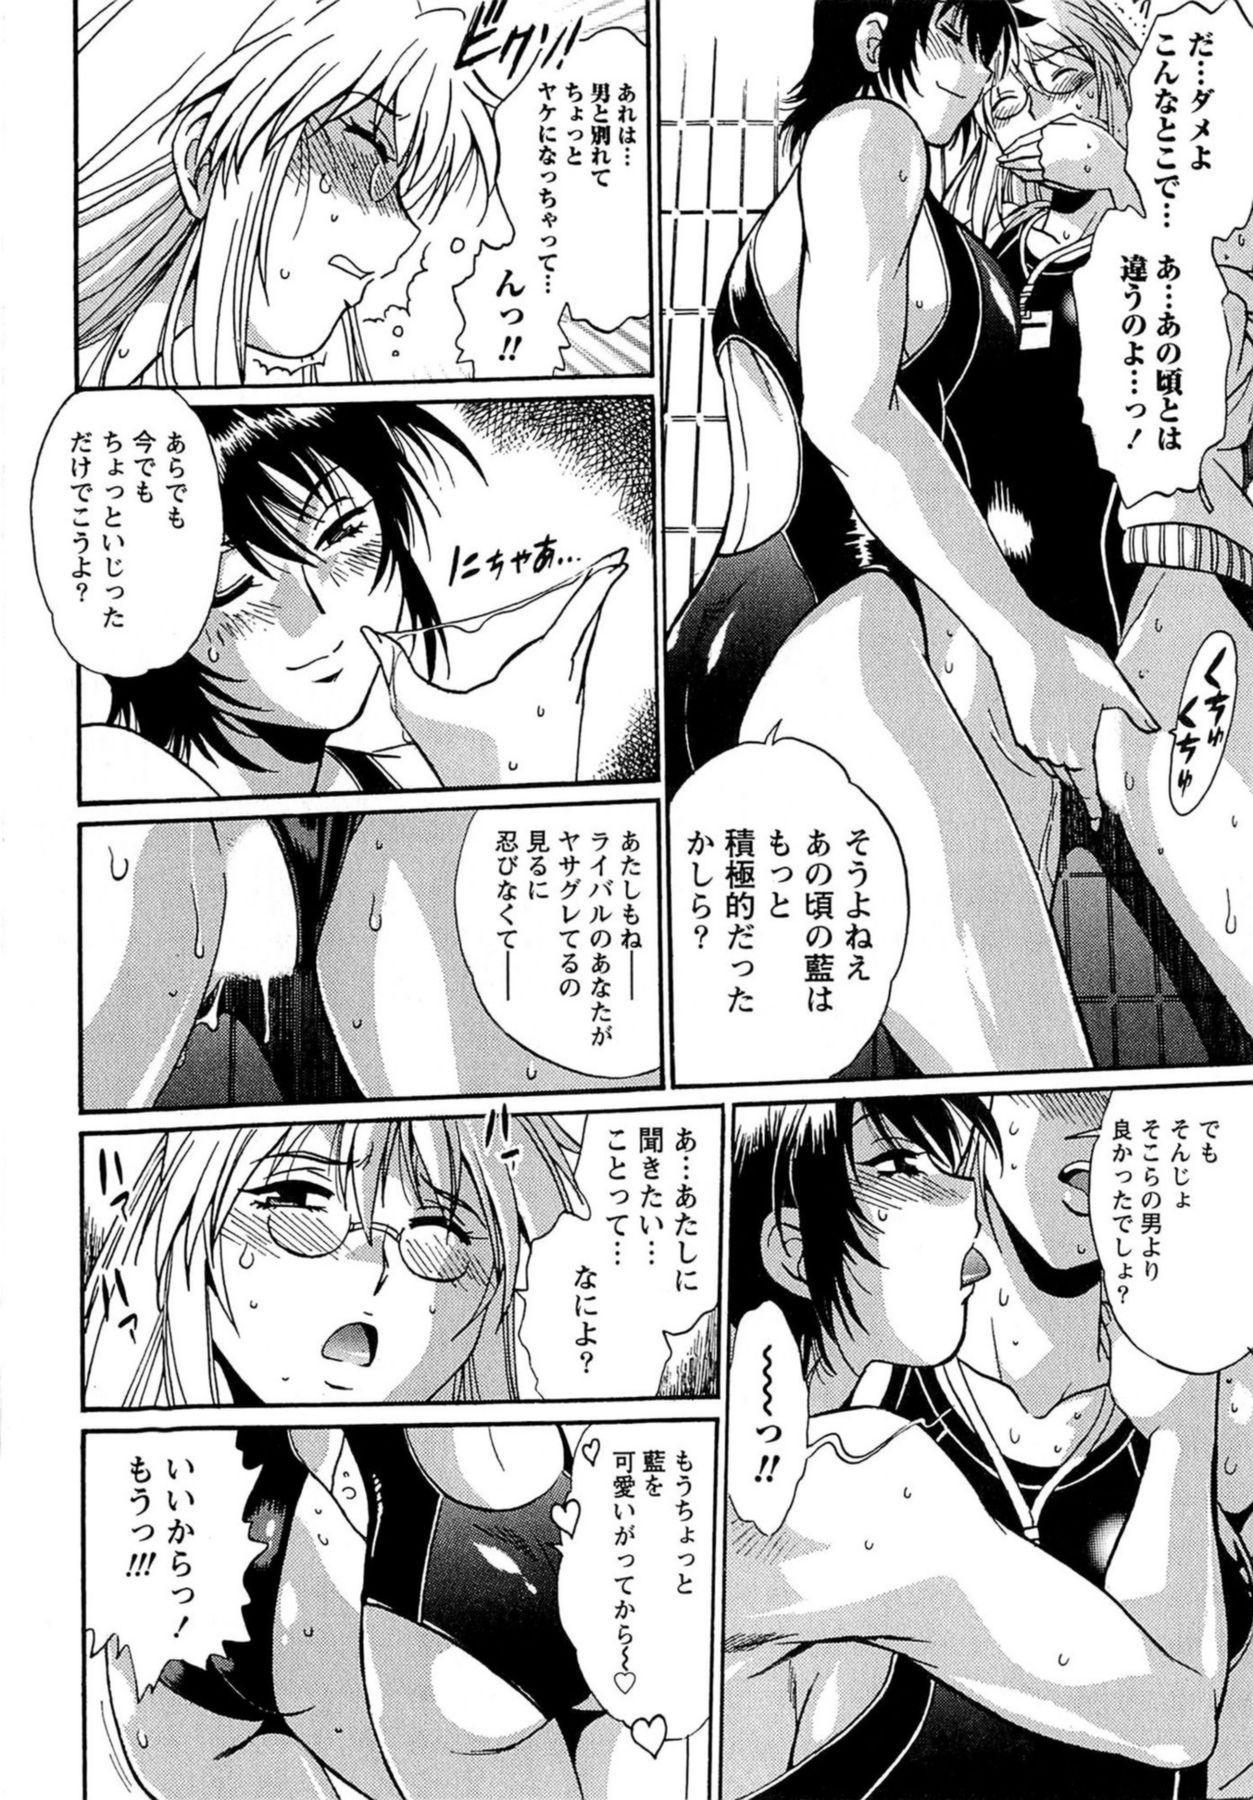 Kuikomi wo Naoshiteru Hima wa Nai! Vol. 1 170